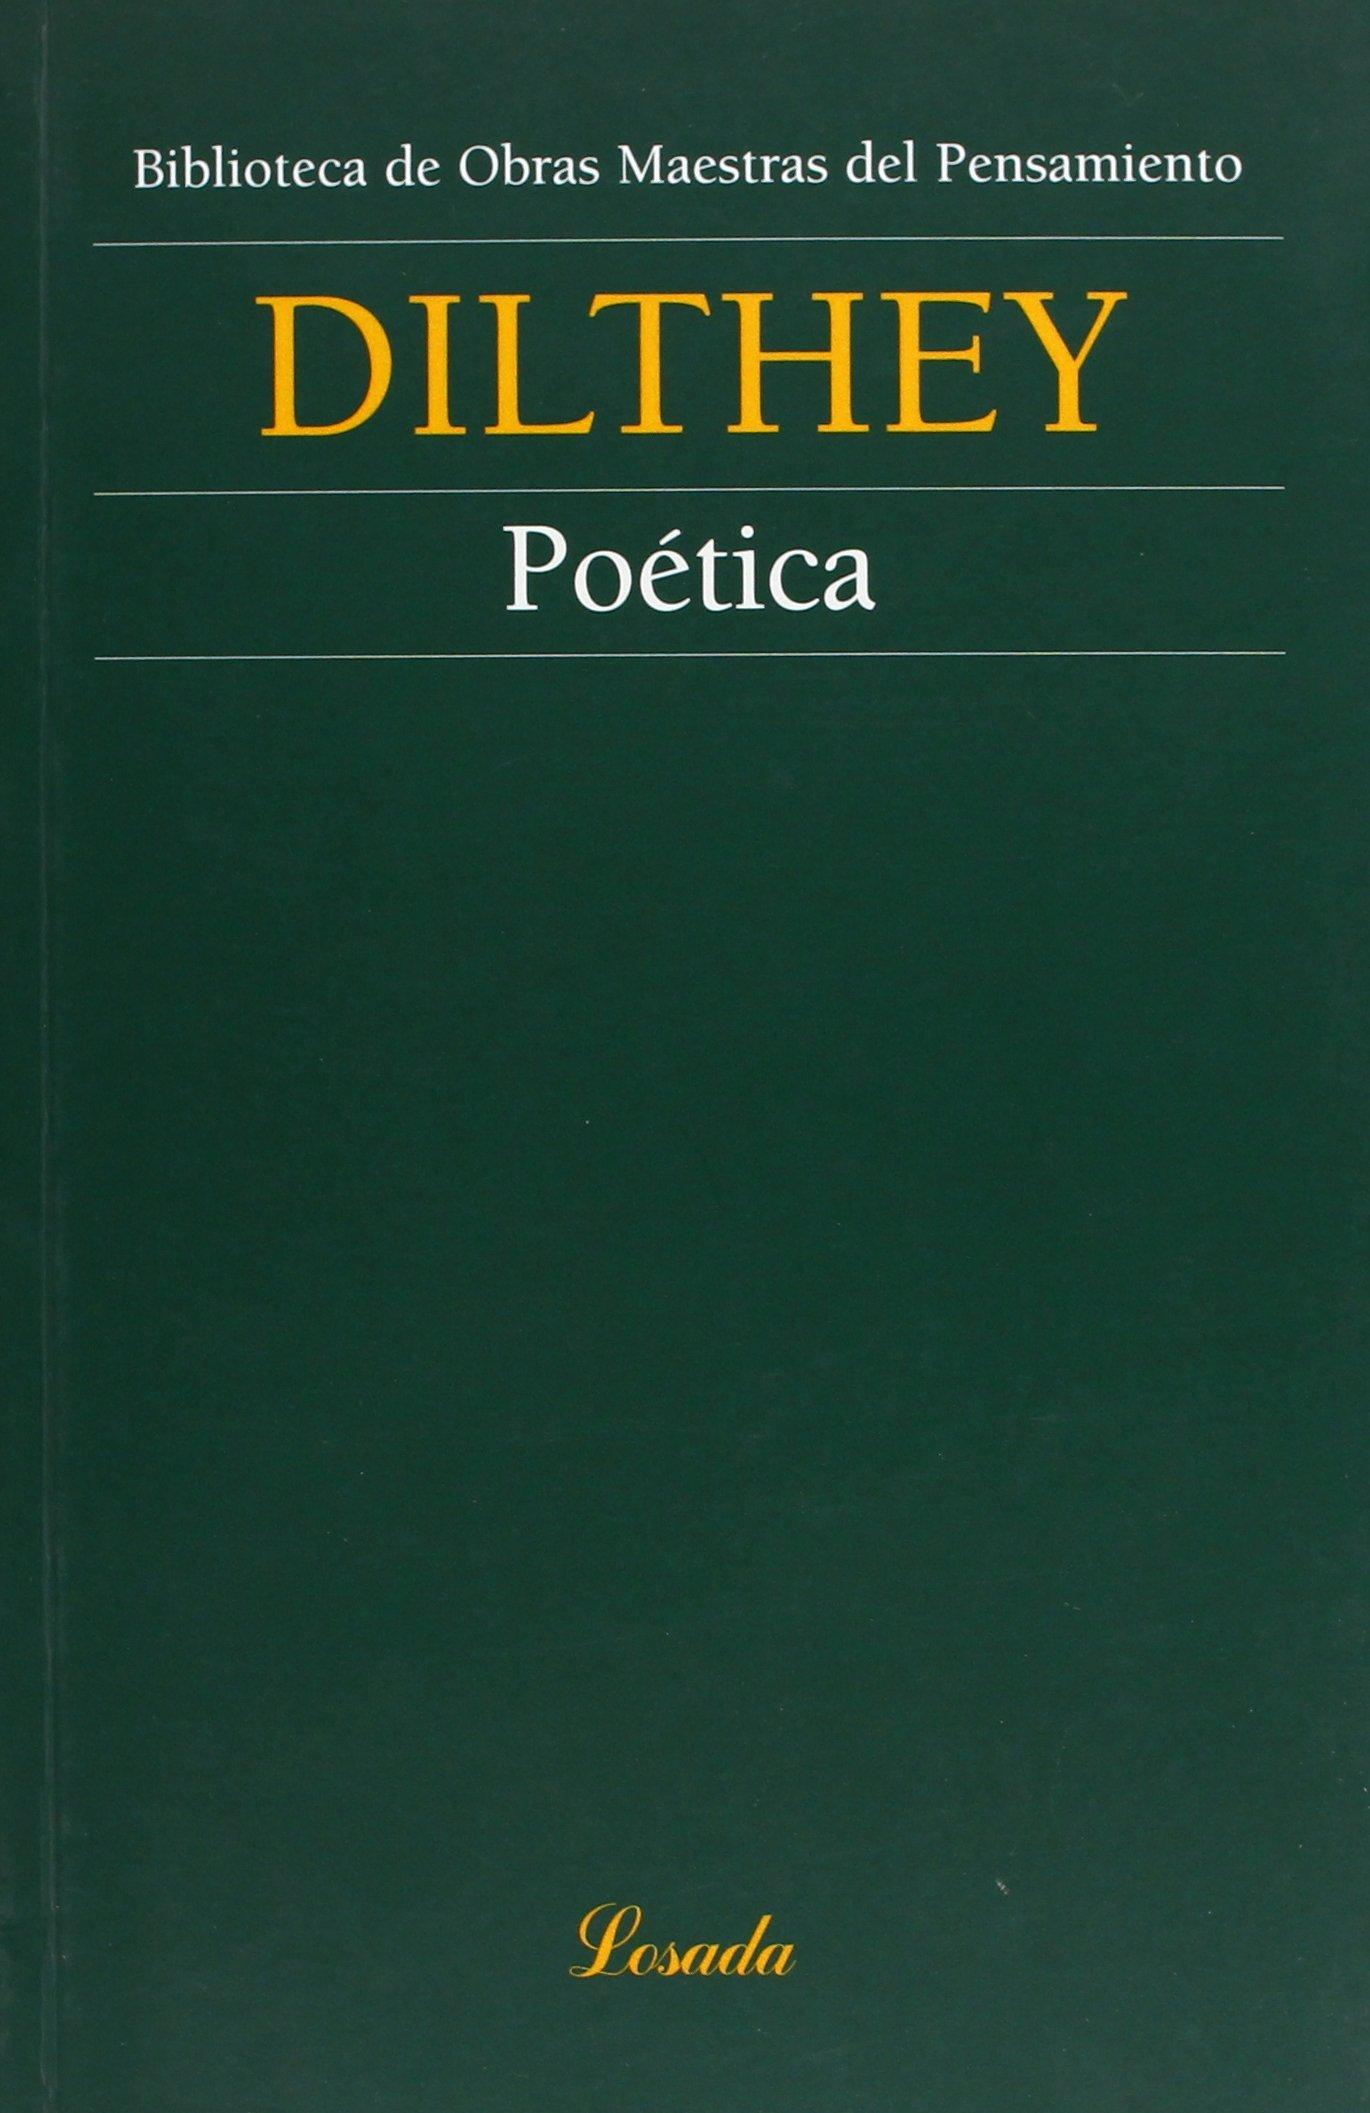 Poética Wilhelm Dilthey